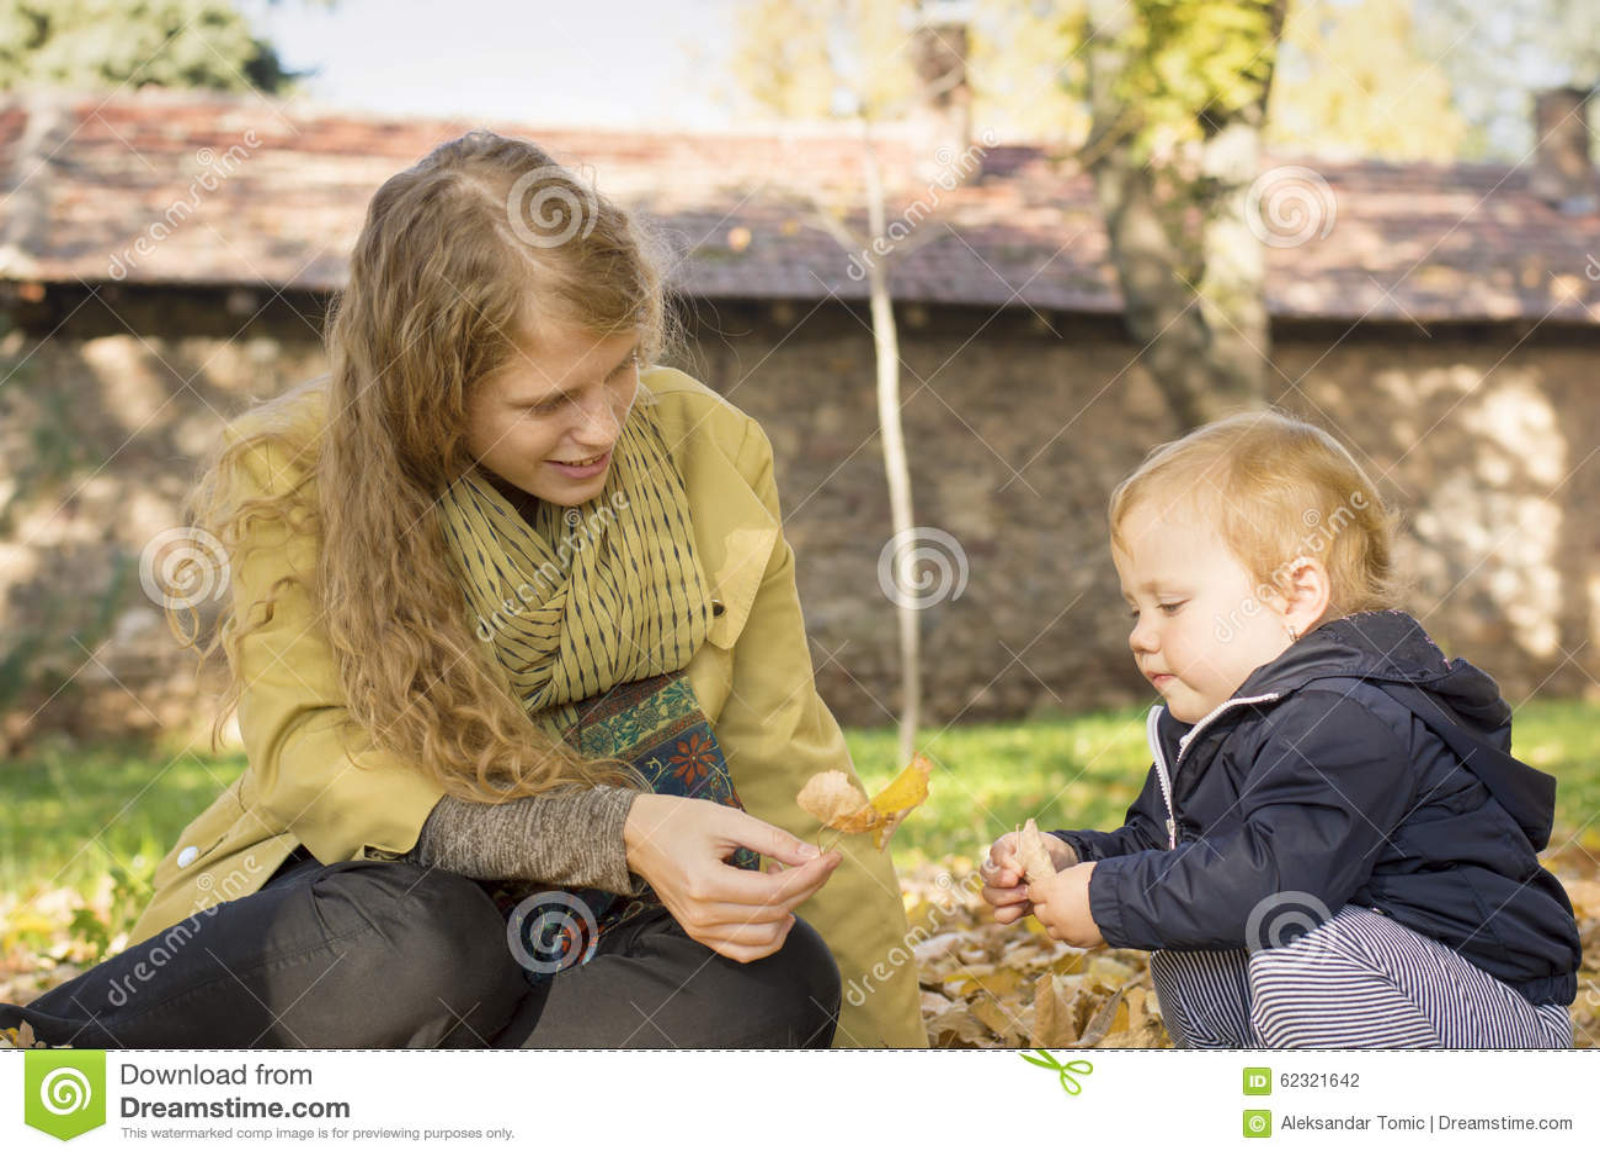 Blonde Mutter spielt mit ihrer süßen Tochter im Park